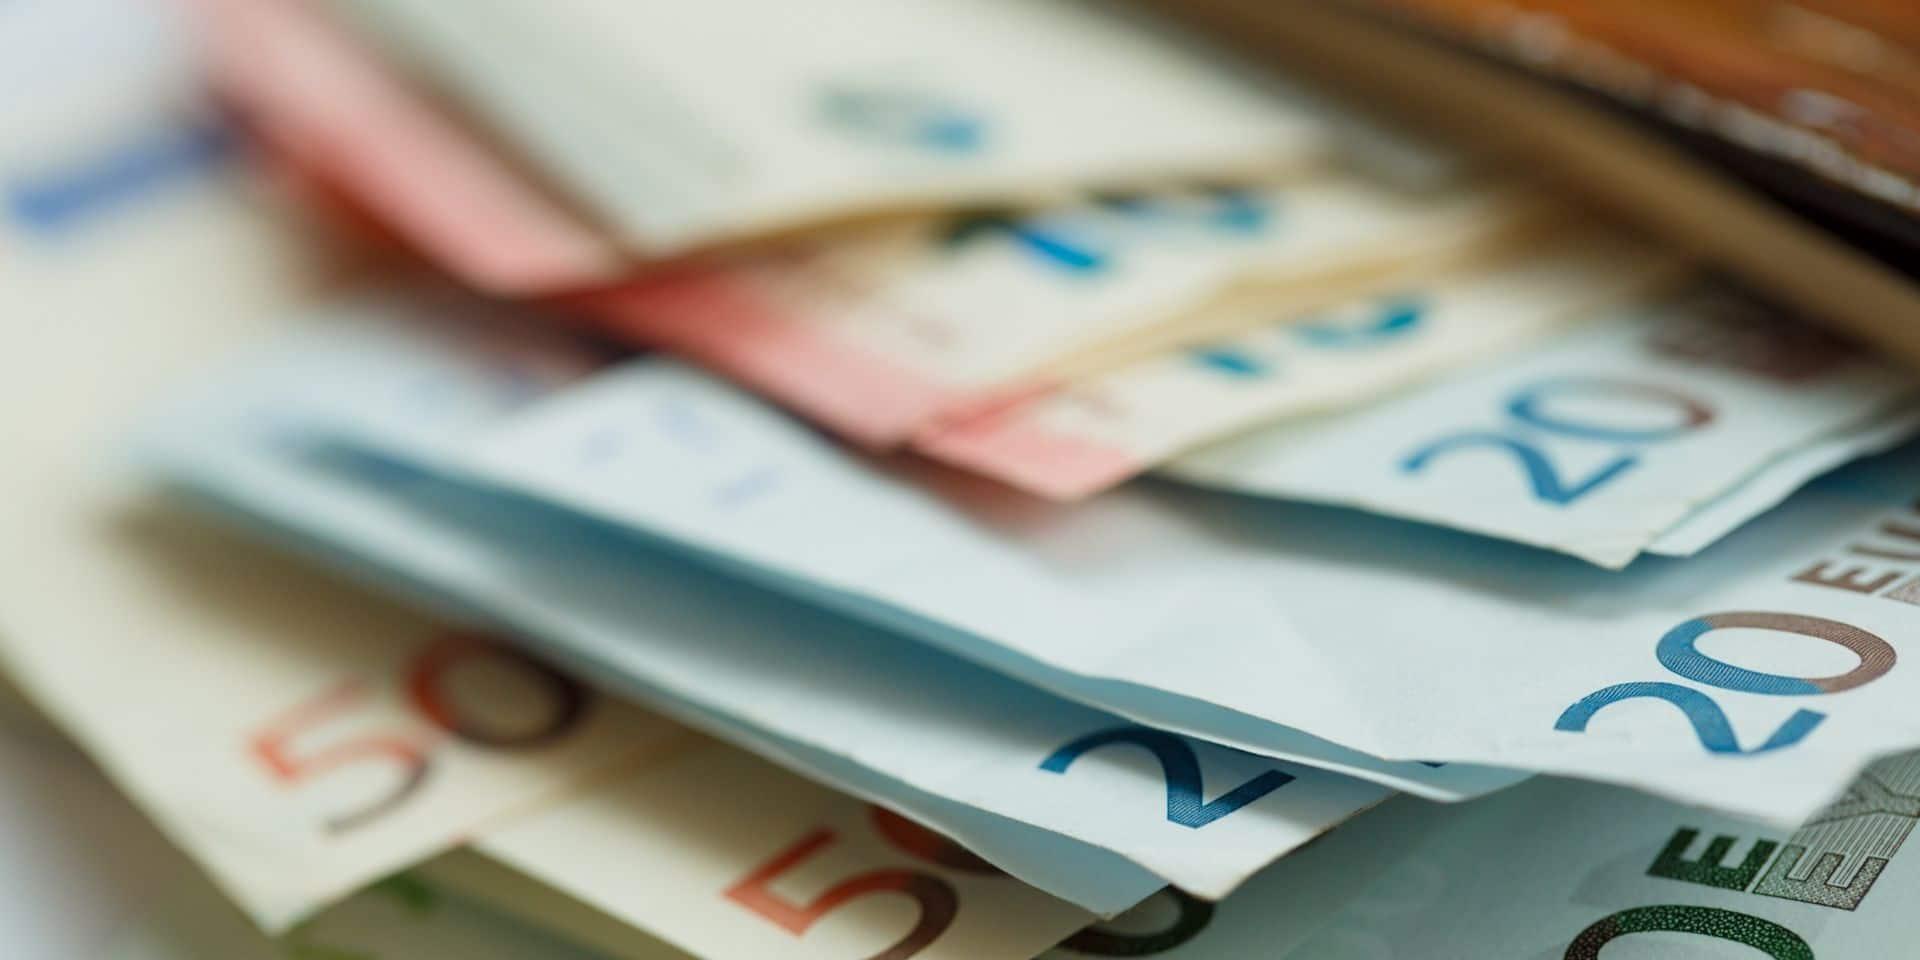 Une entreprise belge sur cinq avait épuisé sa trésorerie en septembre